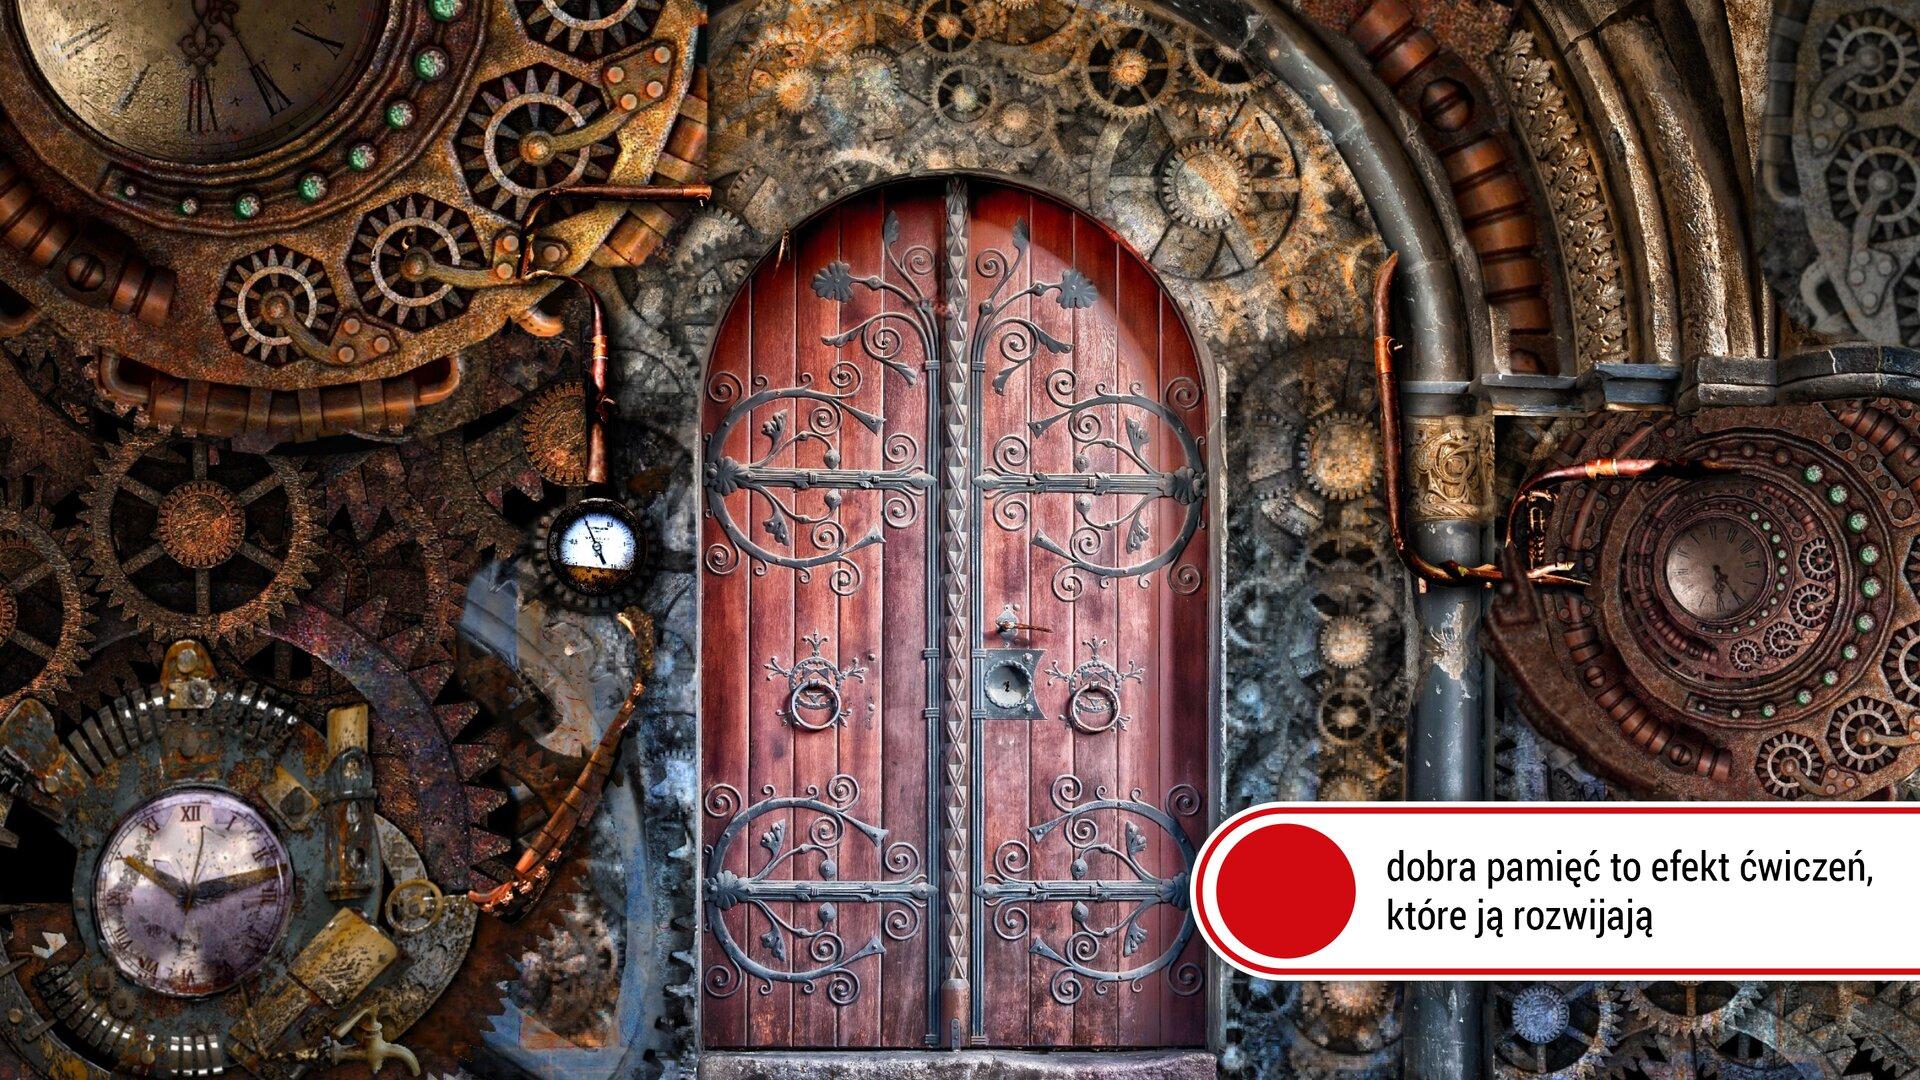 Ilustracja przedstawia dwuskrzydłową bramę oczerwonobrązowym odcieniu wraz zozdobnym czarnym okuciem. Dokoła bramy znajdują się zegary ielementy mechanizmów zegarów różnych wielkości iwróżnych kolorach. Od lewej strony grafiki znajduje się zegar zbiałą tarczą imałymi czarnymi wskazówkami, głębiej przy lewym skrzydle bramy znajduje się mały zegar również zbiałą tarczą, anad nimi duży zegar zbrązową tarczą. Wprawym dolnym rogu na białym tle zczerwonym kołem widnieje napis: dobra pamięć to efekt ćwiczeń, które ją rozwijają.